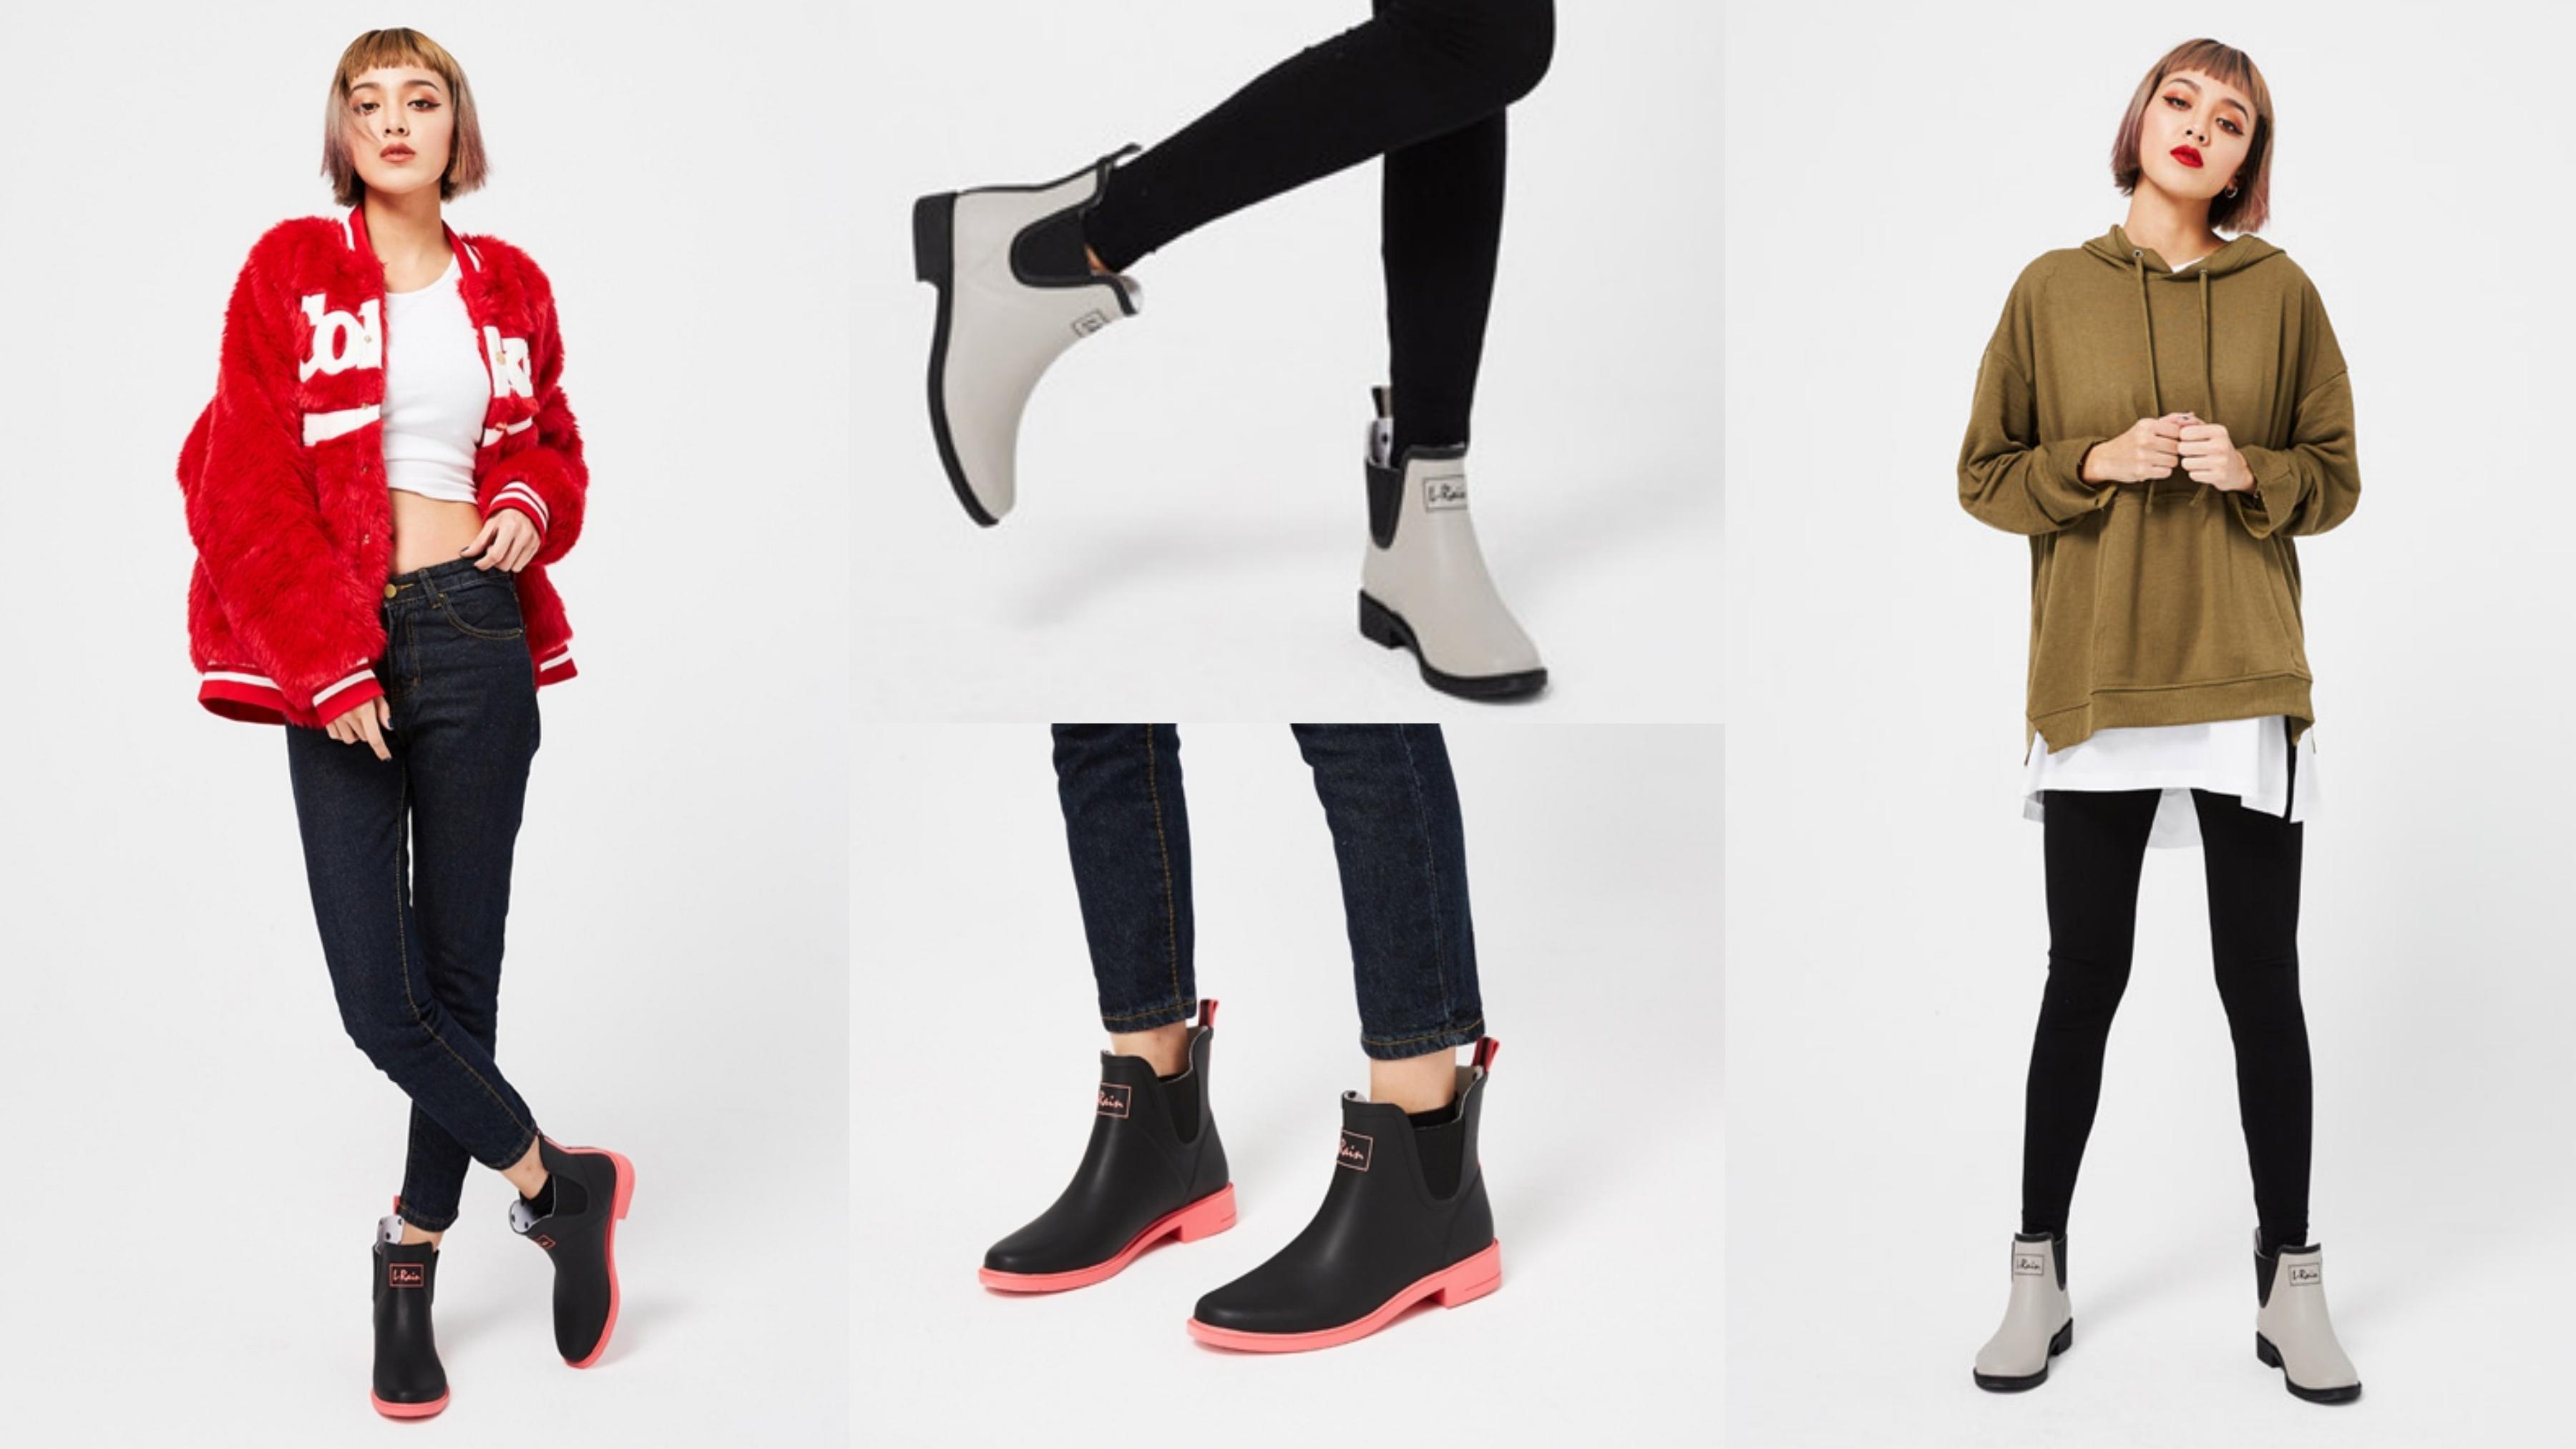 非常不挑人的一款短筒雨靴,可以很休閒也可以很個性